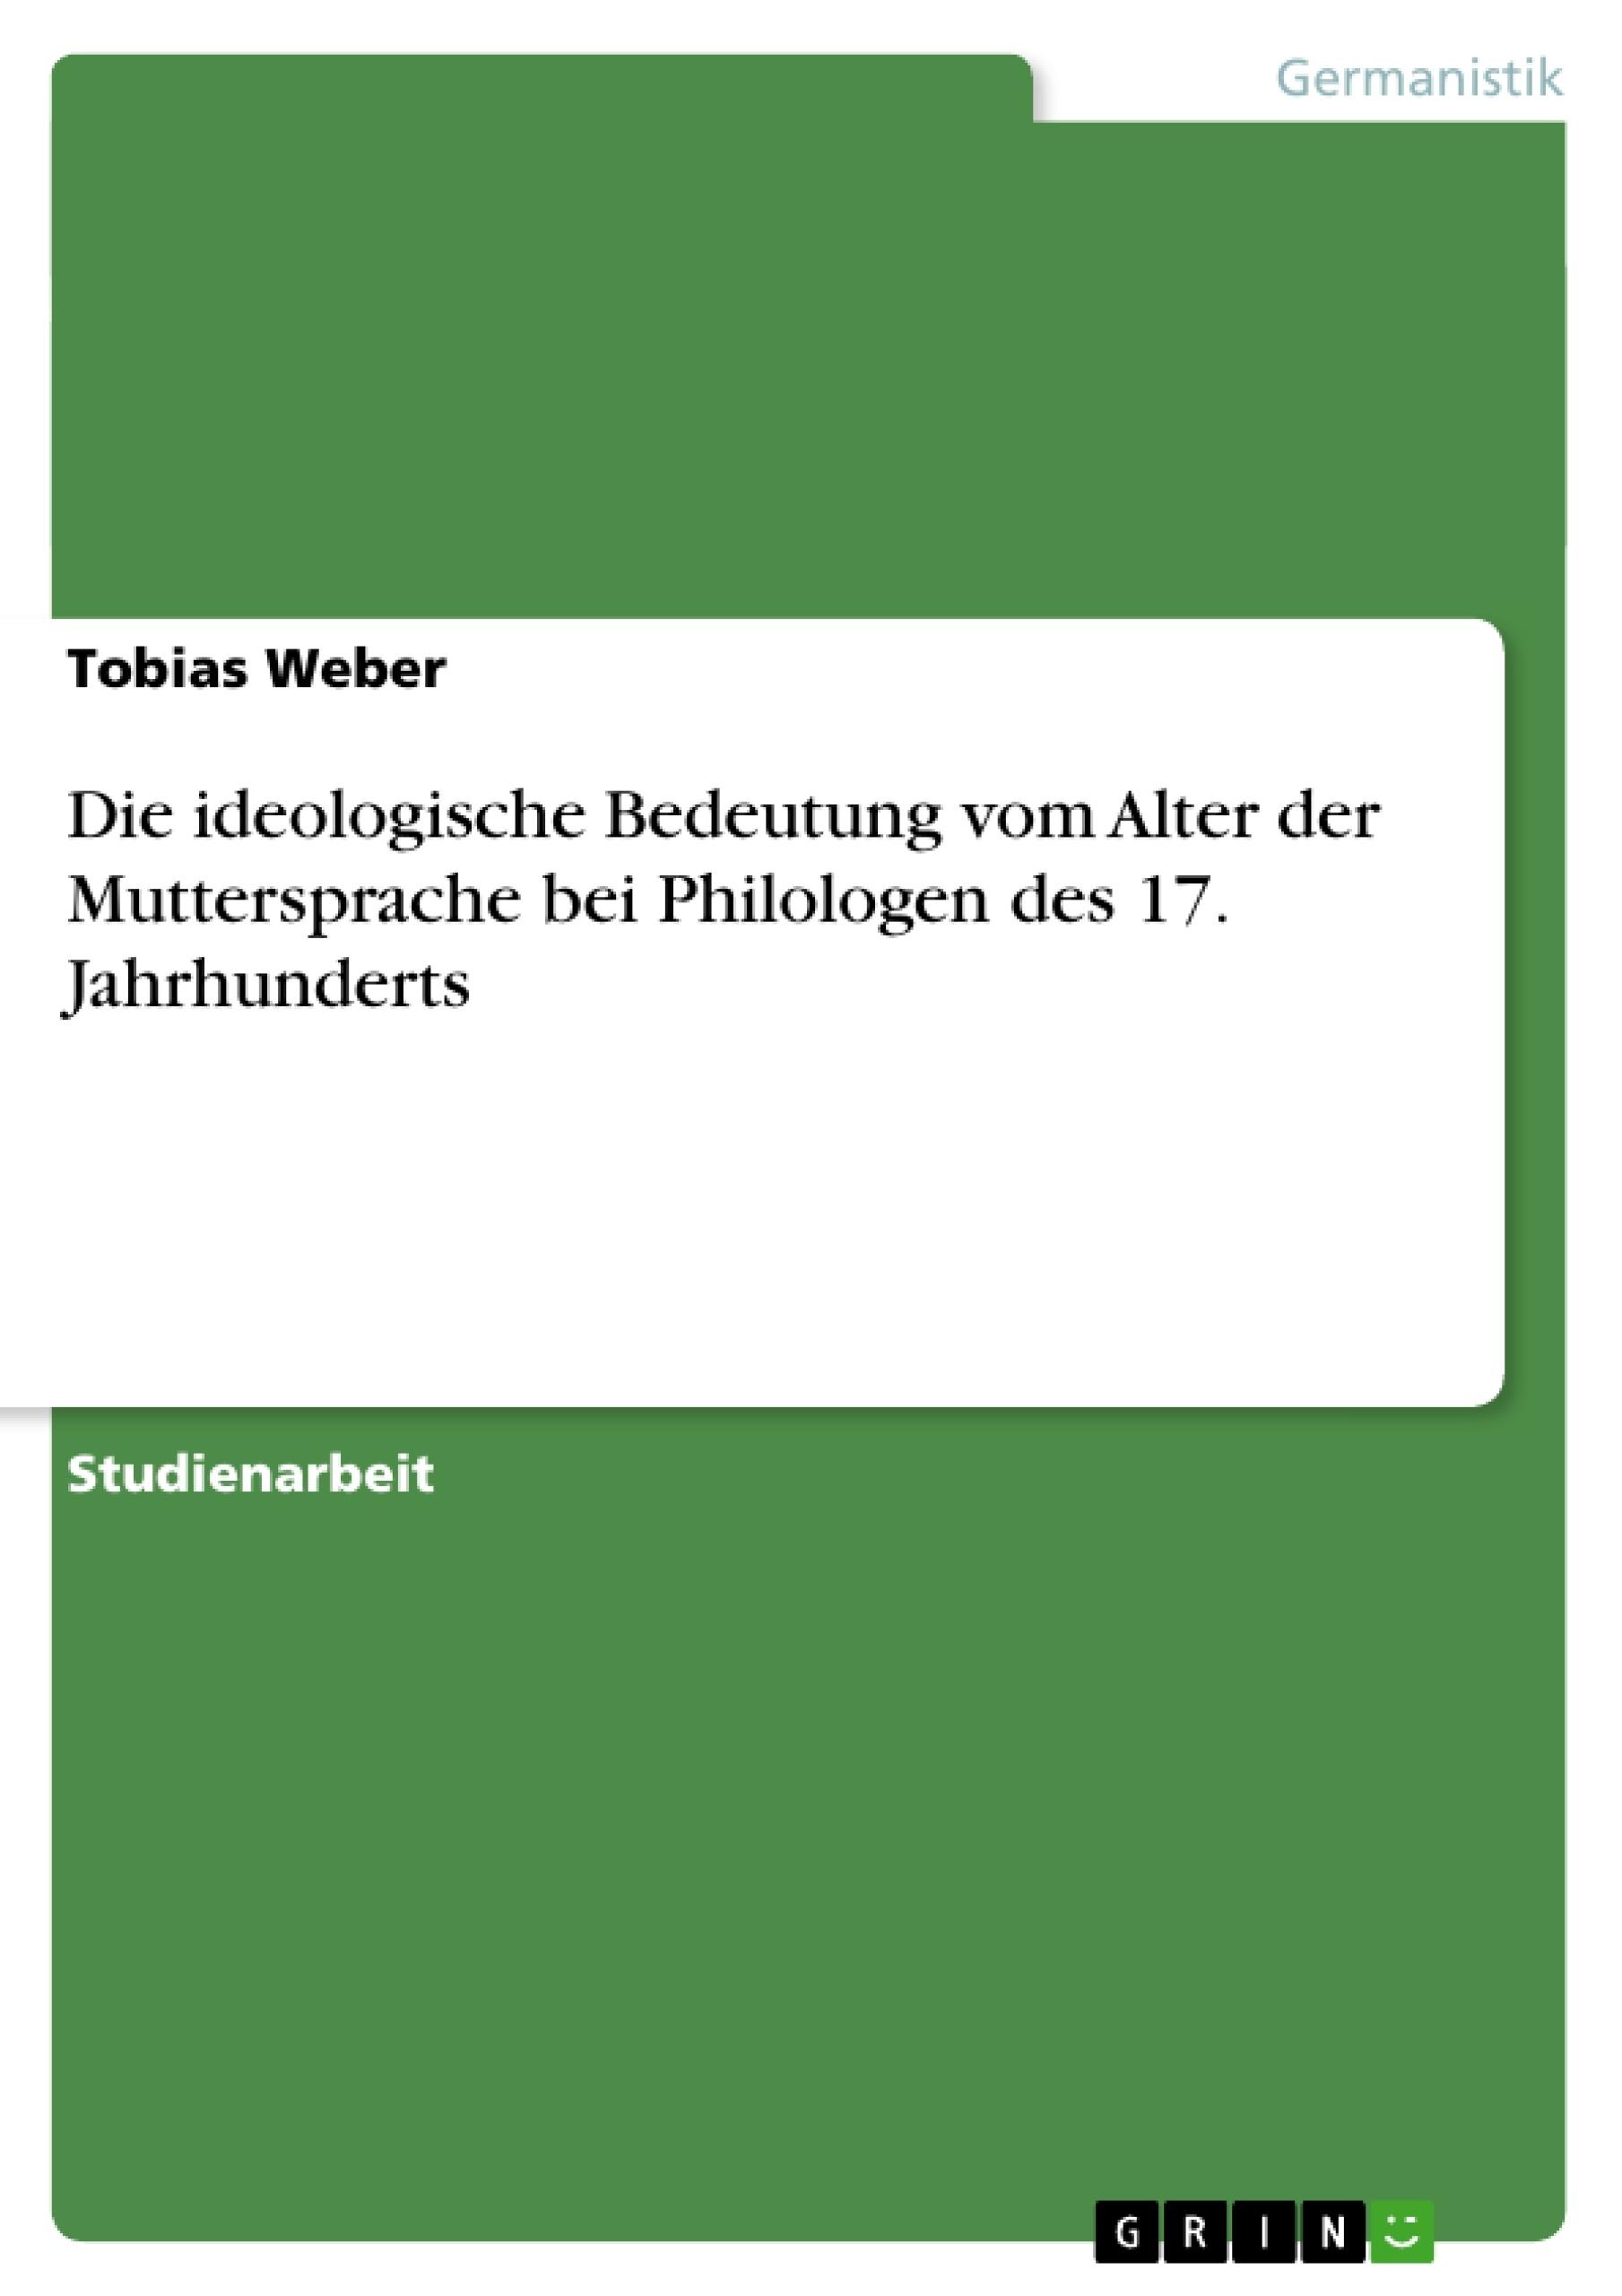 Titel: Die ideologische Bedeutung vom Alter der Muttersprache bei Philologen des 17. Jahrhunderts